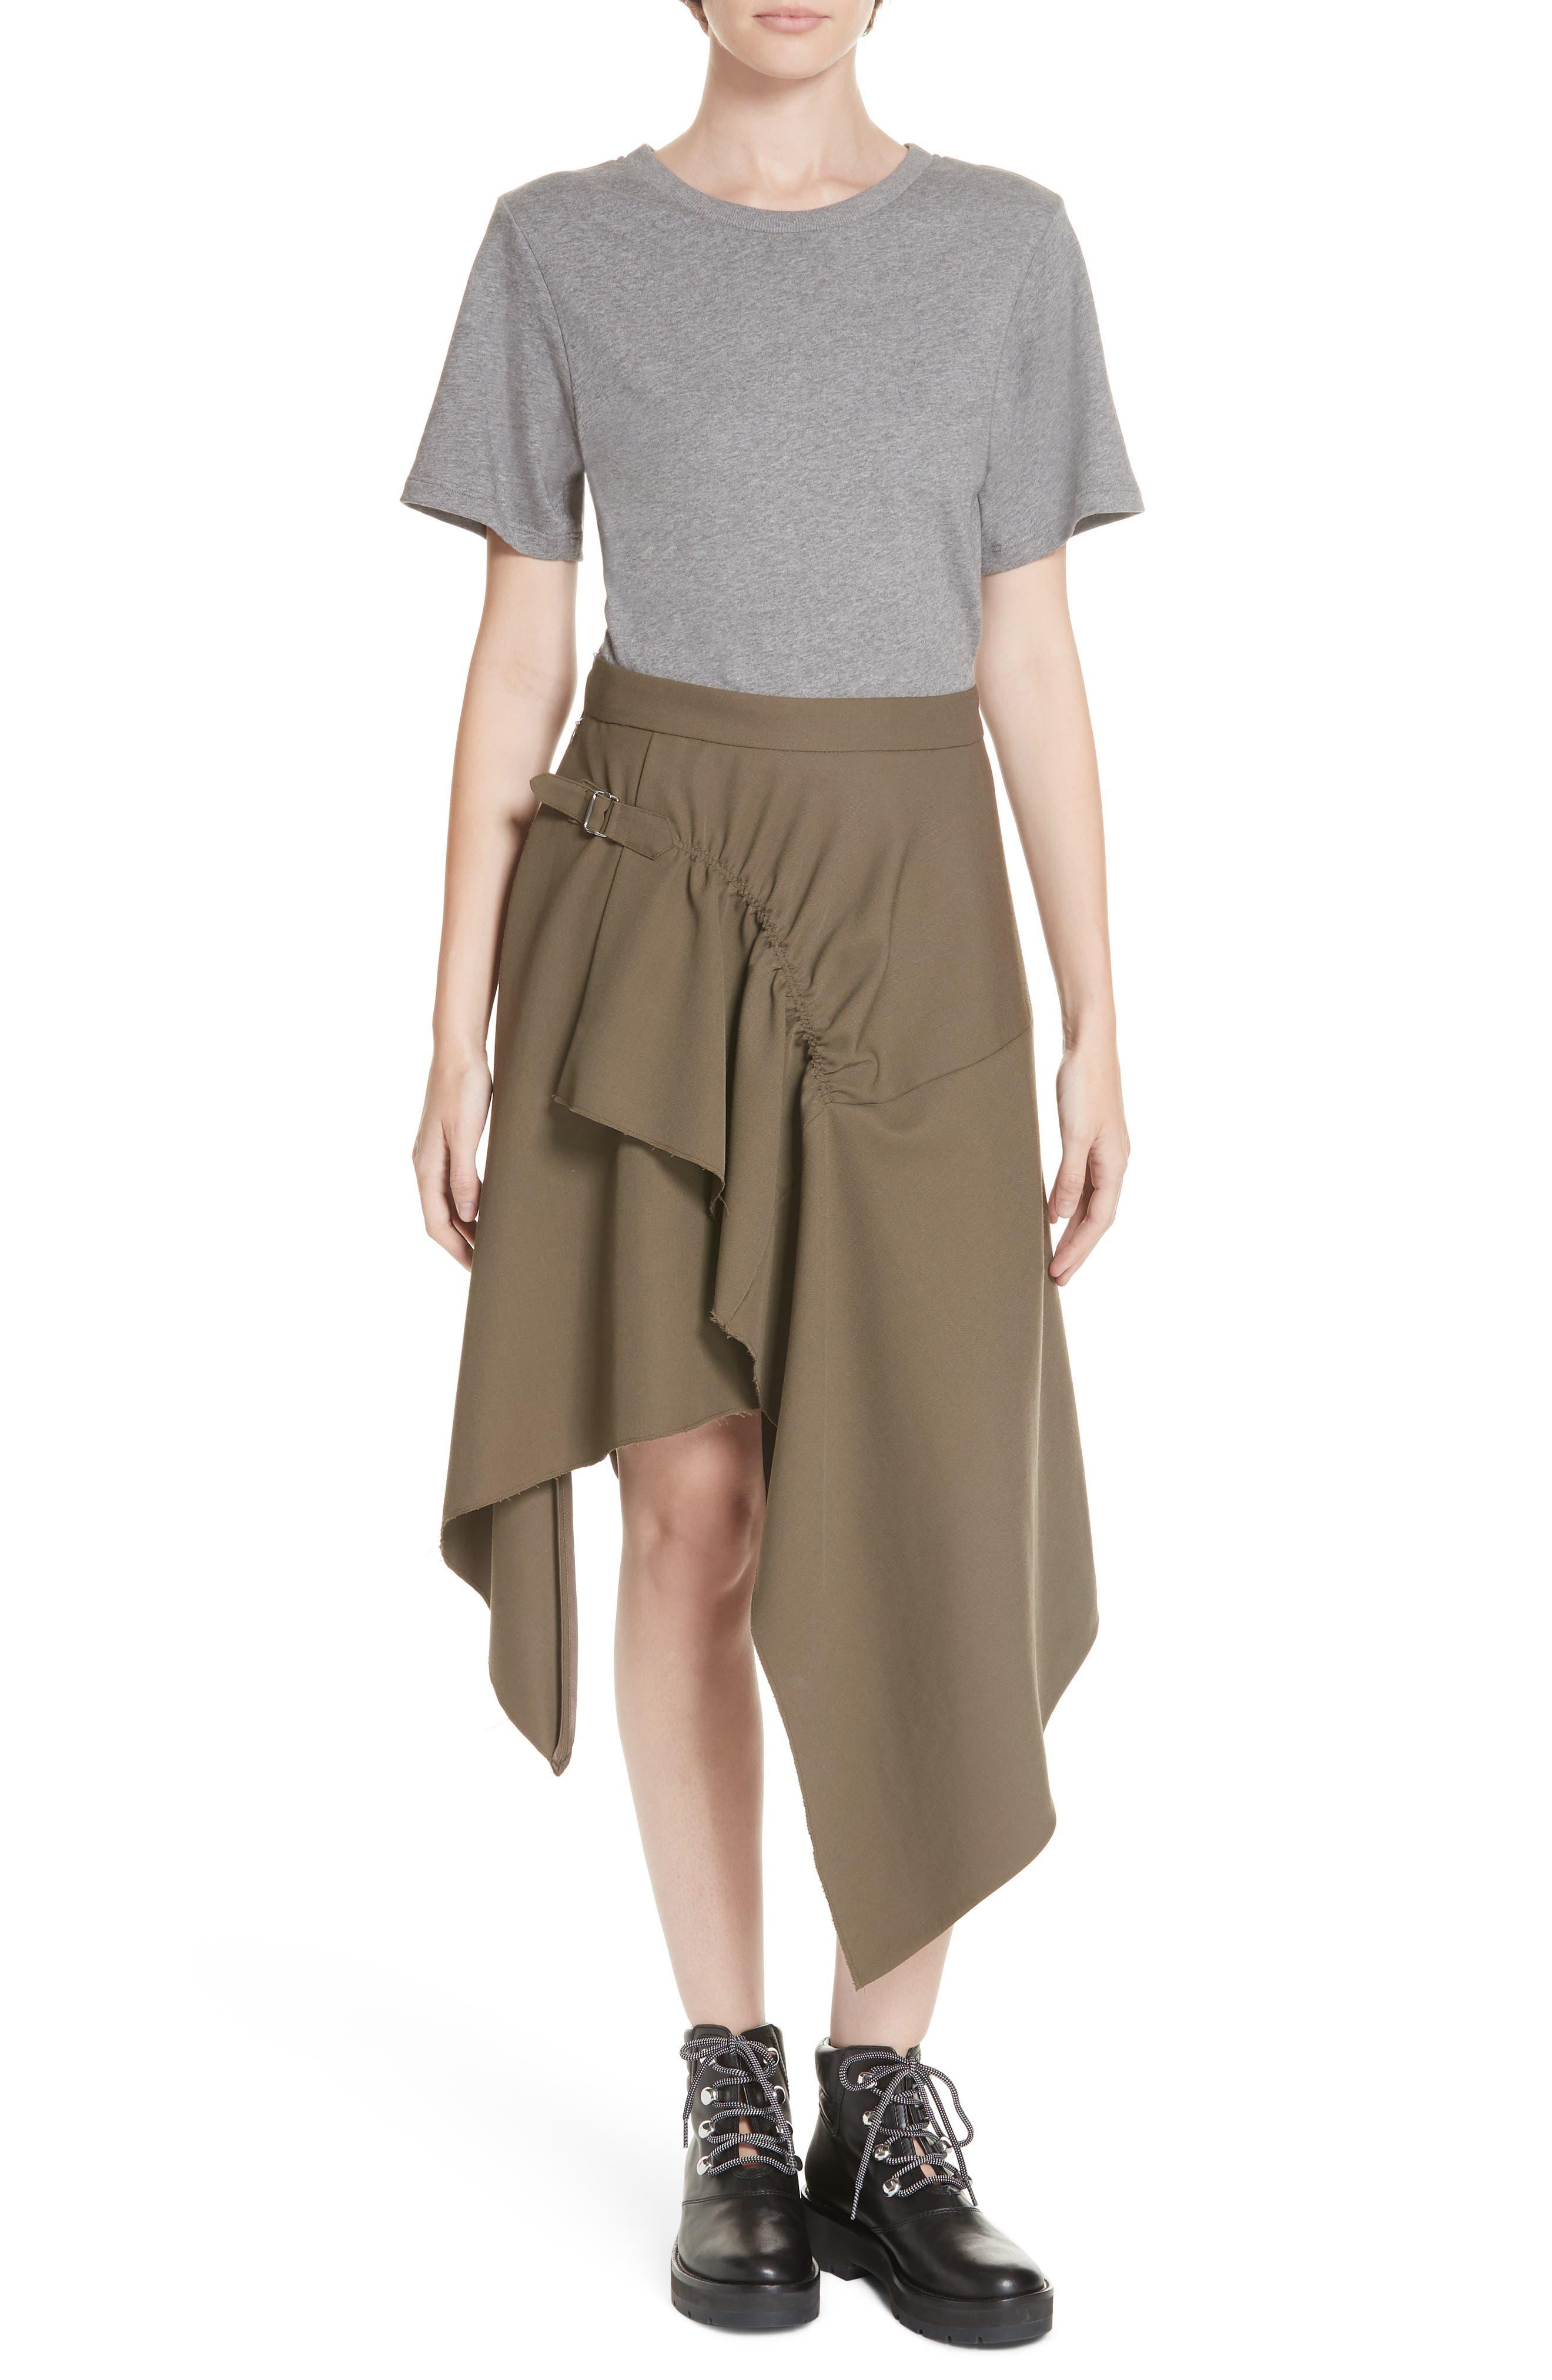 Mixed Media Wool & Cotton T-Shirt Dress,                             Main thumbnail 1, color,                             FIR GREEN